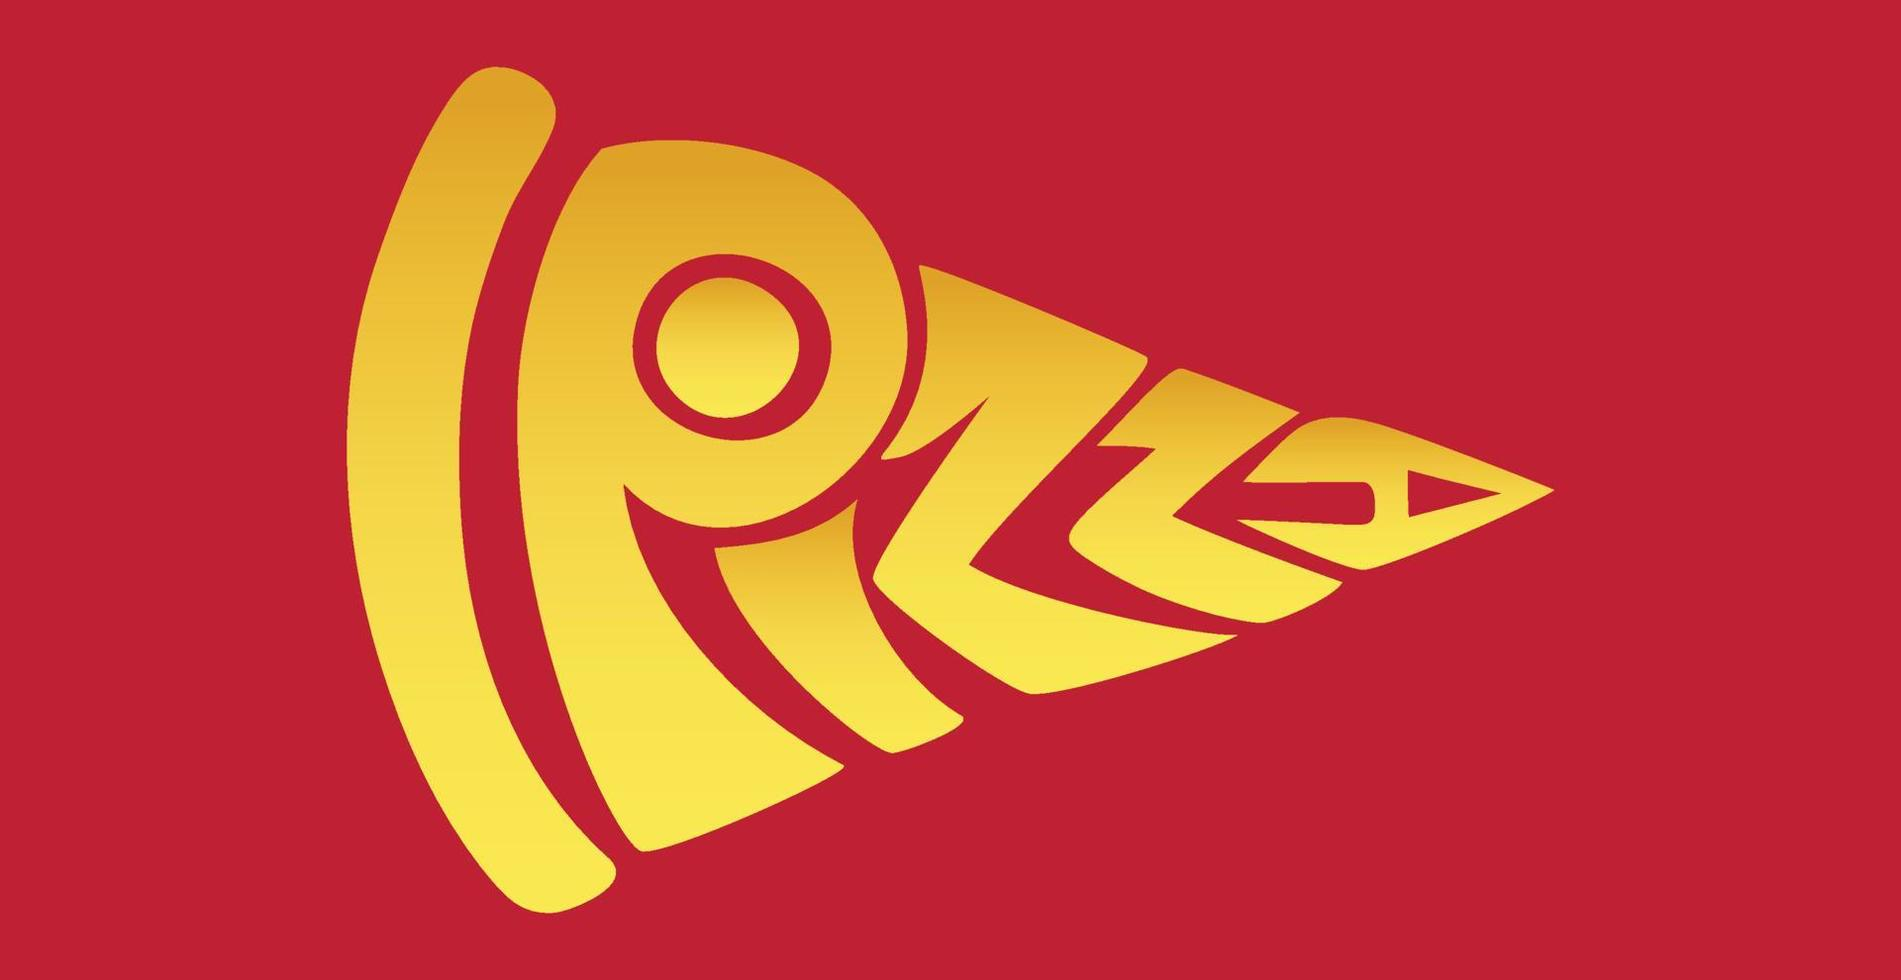 palavra pizza estilizada como um logotipo elegante - vetor